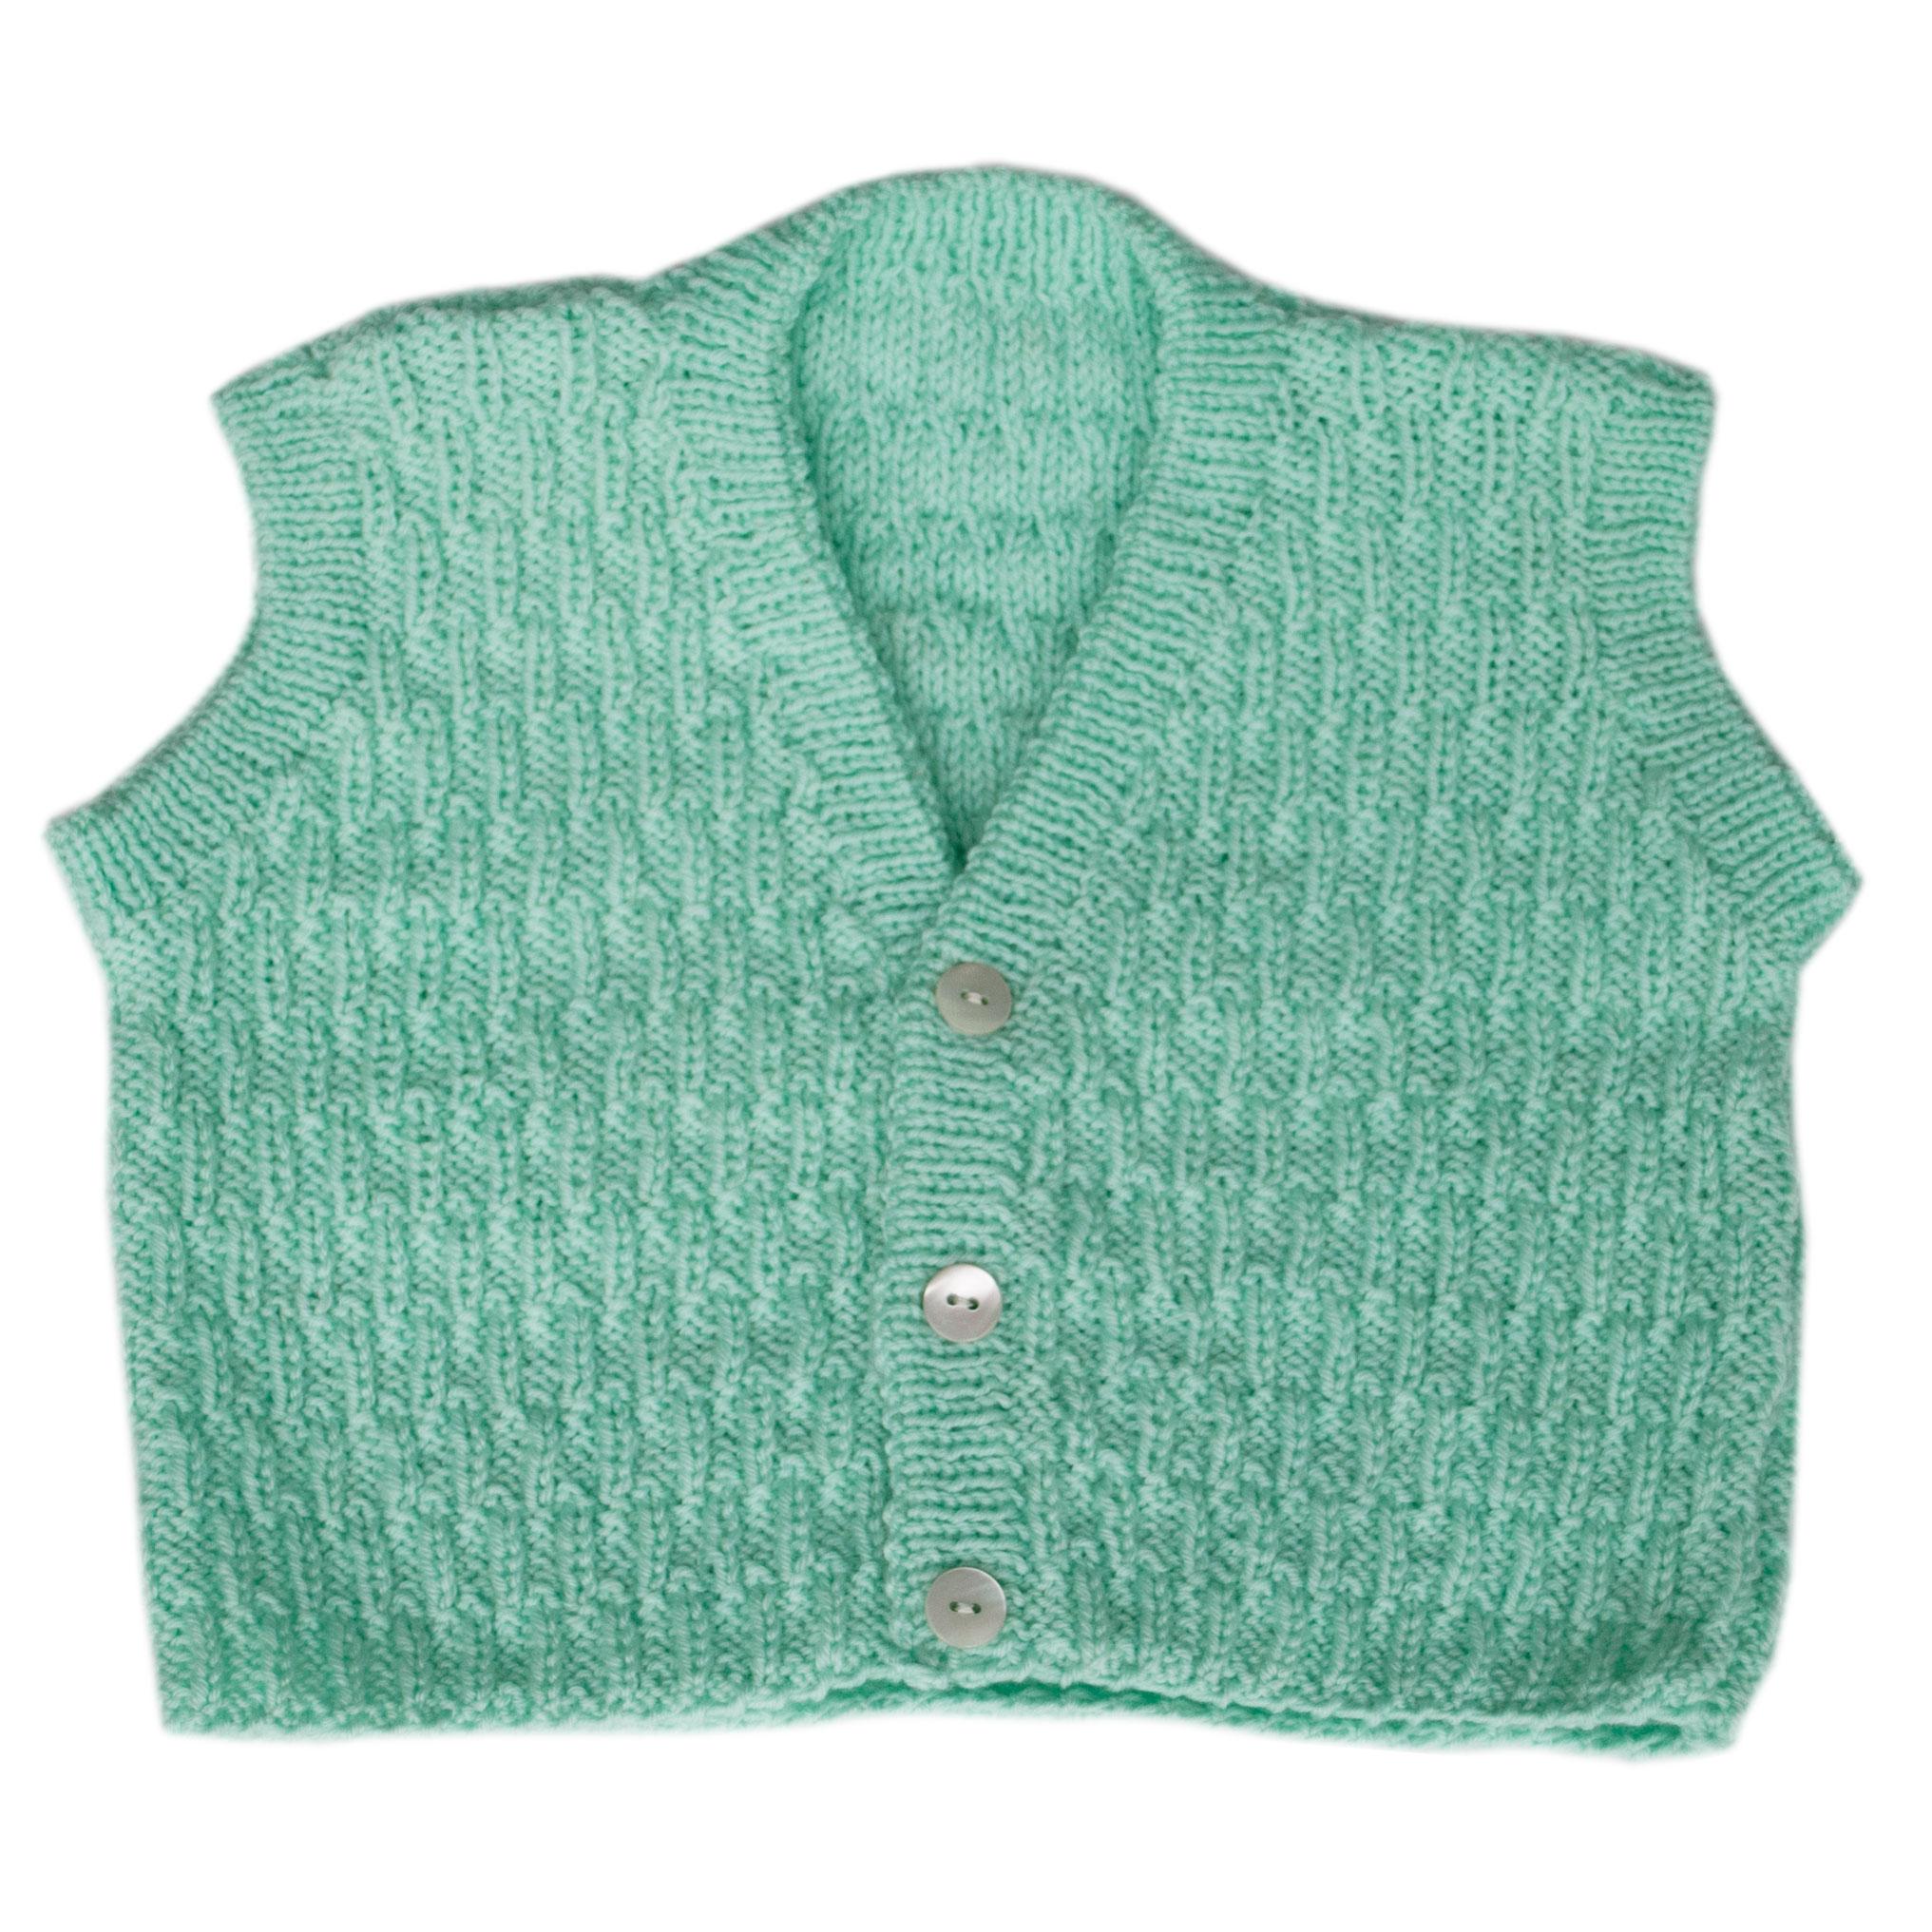 Top Gilet bambino 5 mesi lana fine verde mela | Bimbi A Colori CM37